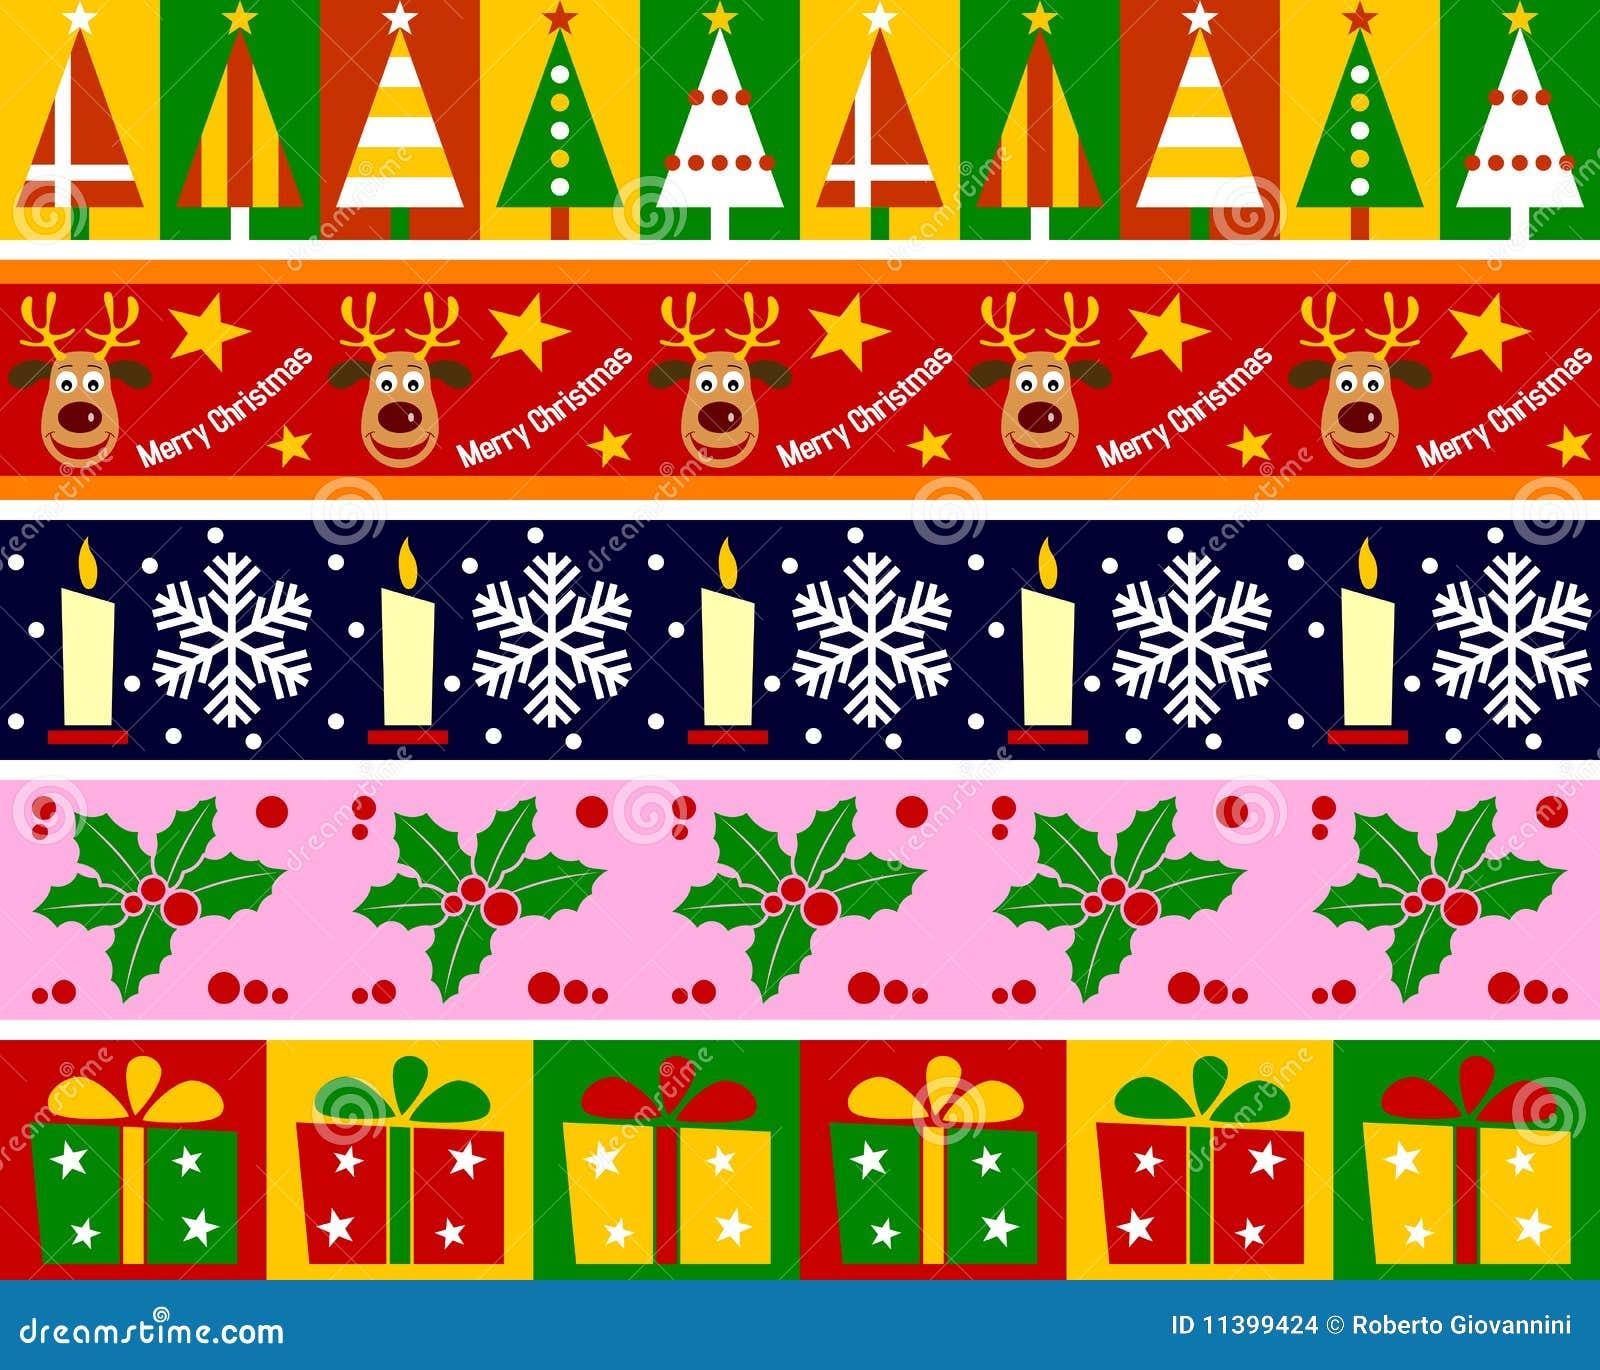 Christmas Borders Set [1]